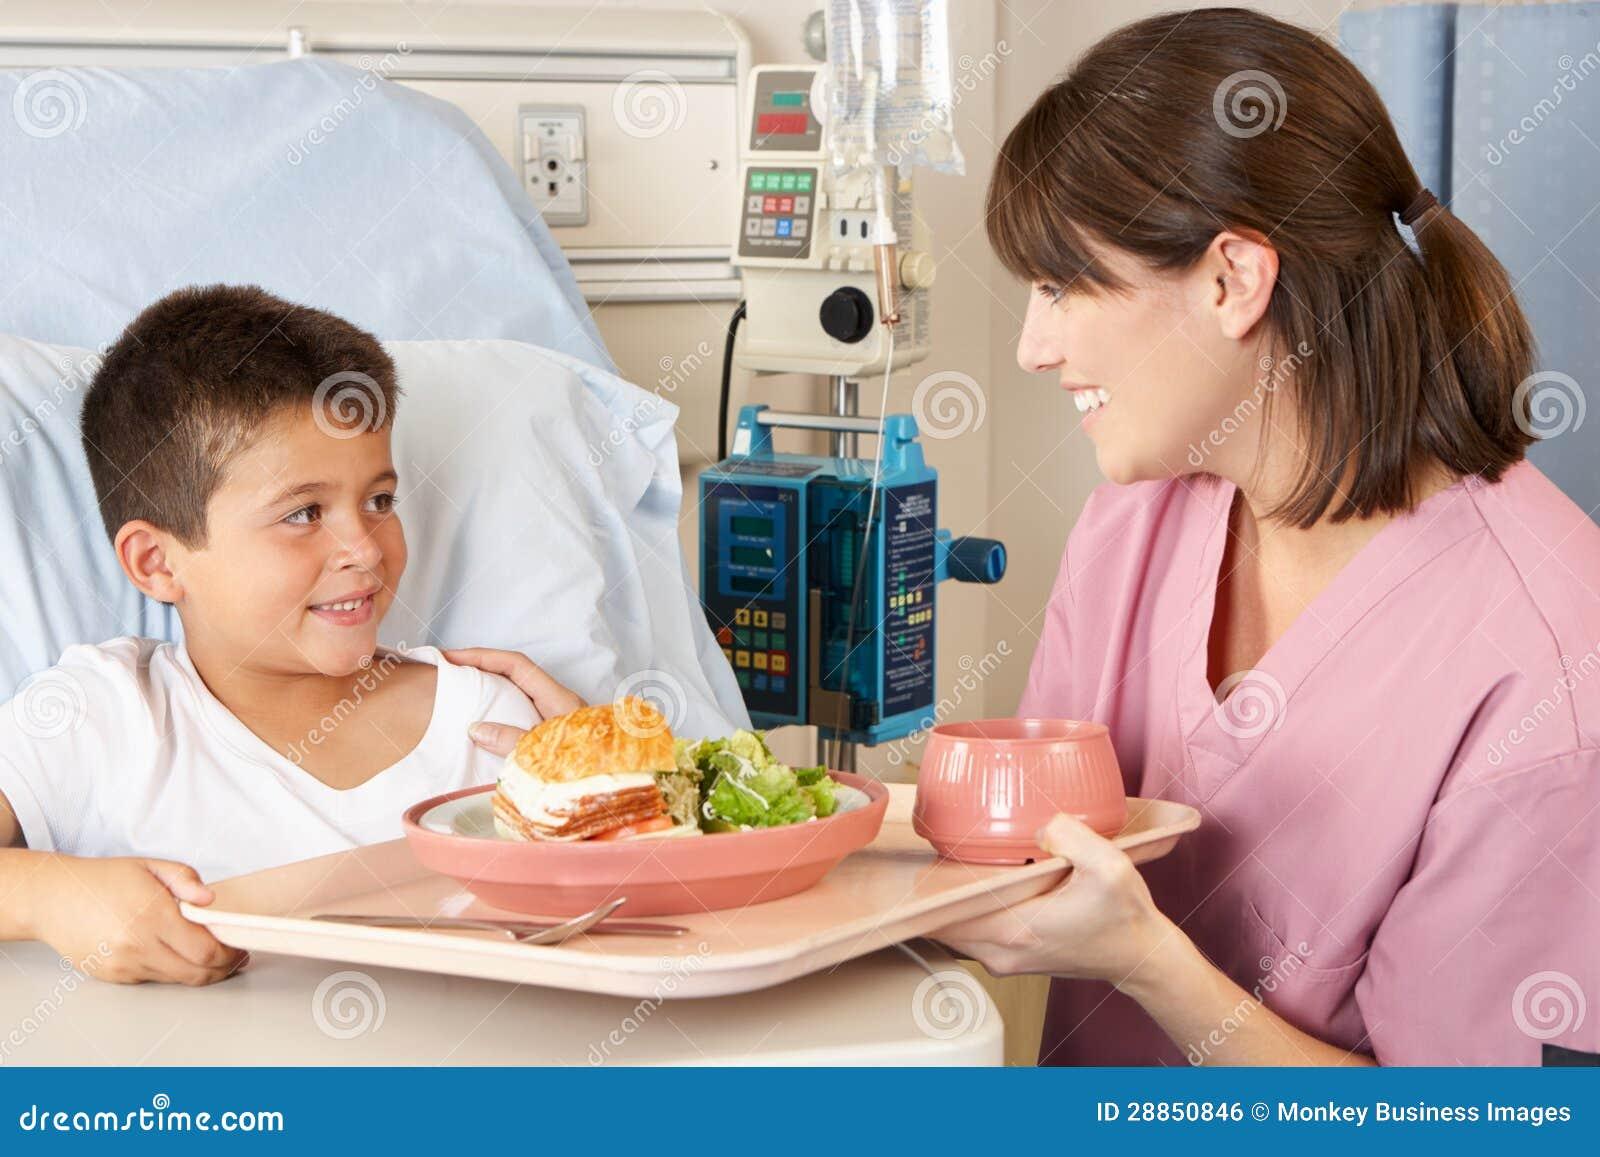 Krankenschwester-Umhüllungs-Kindergeduldige Mahlzeit im Krankenhaus-Bett